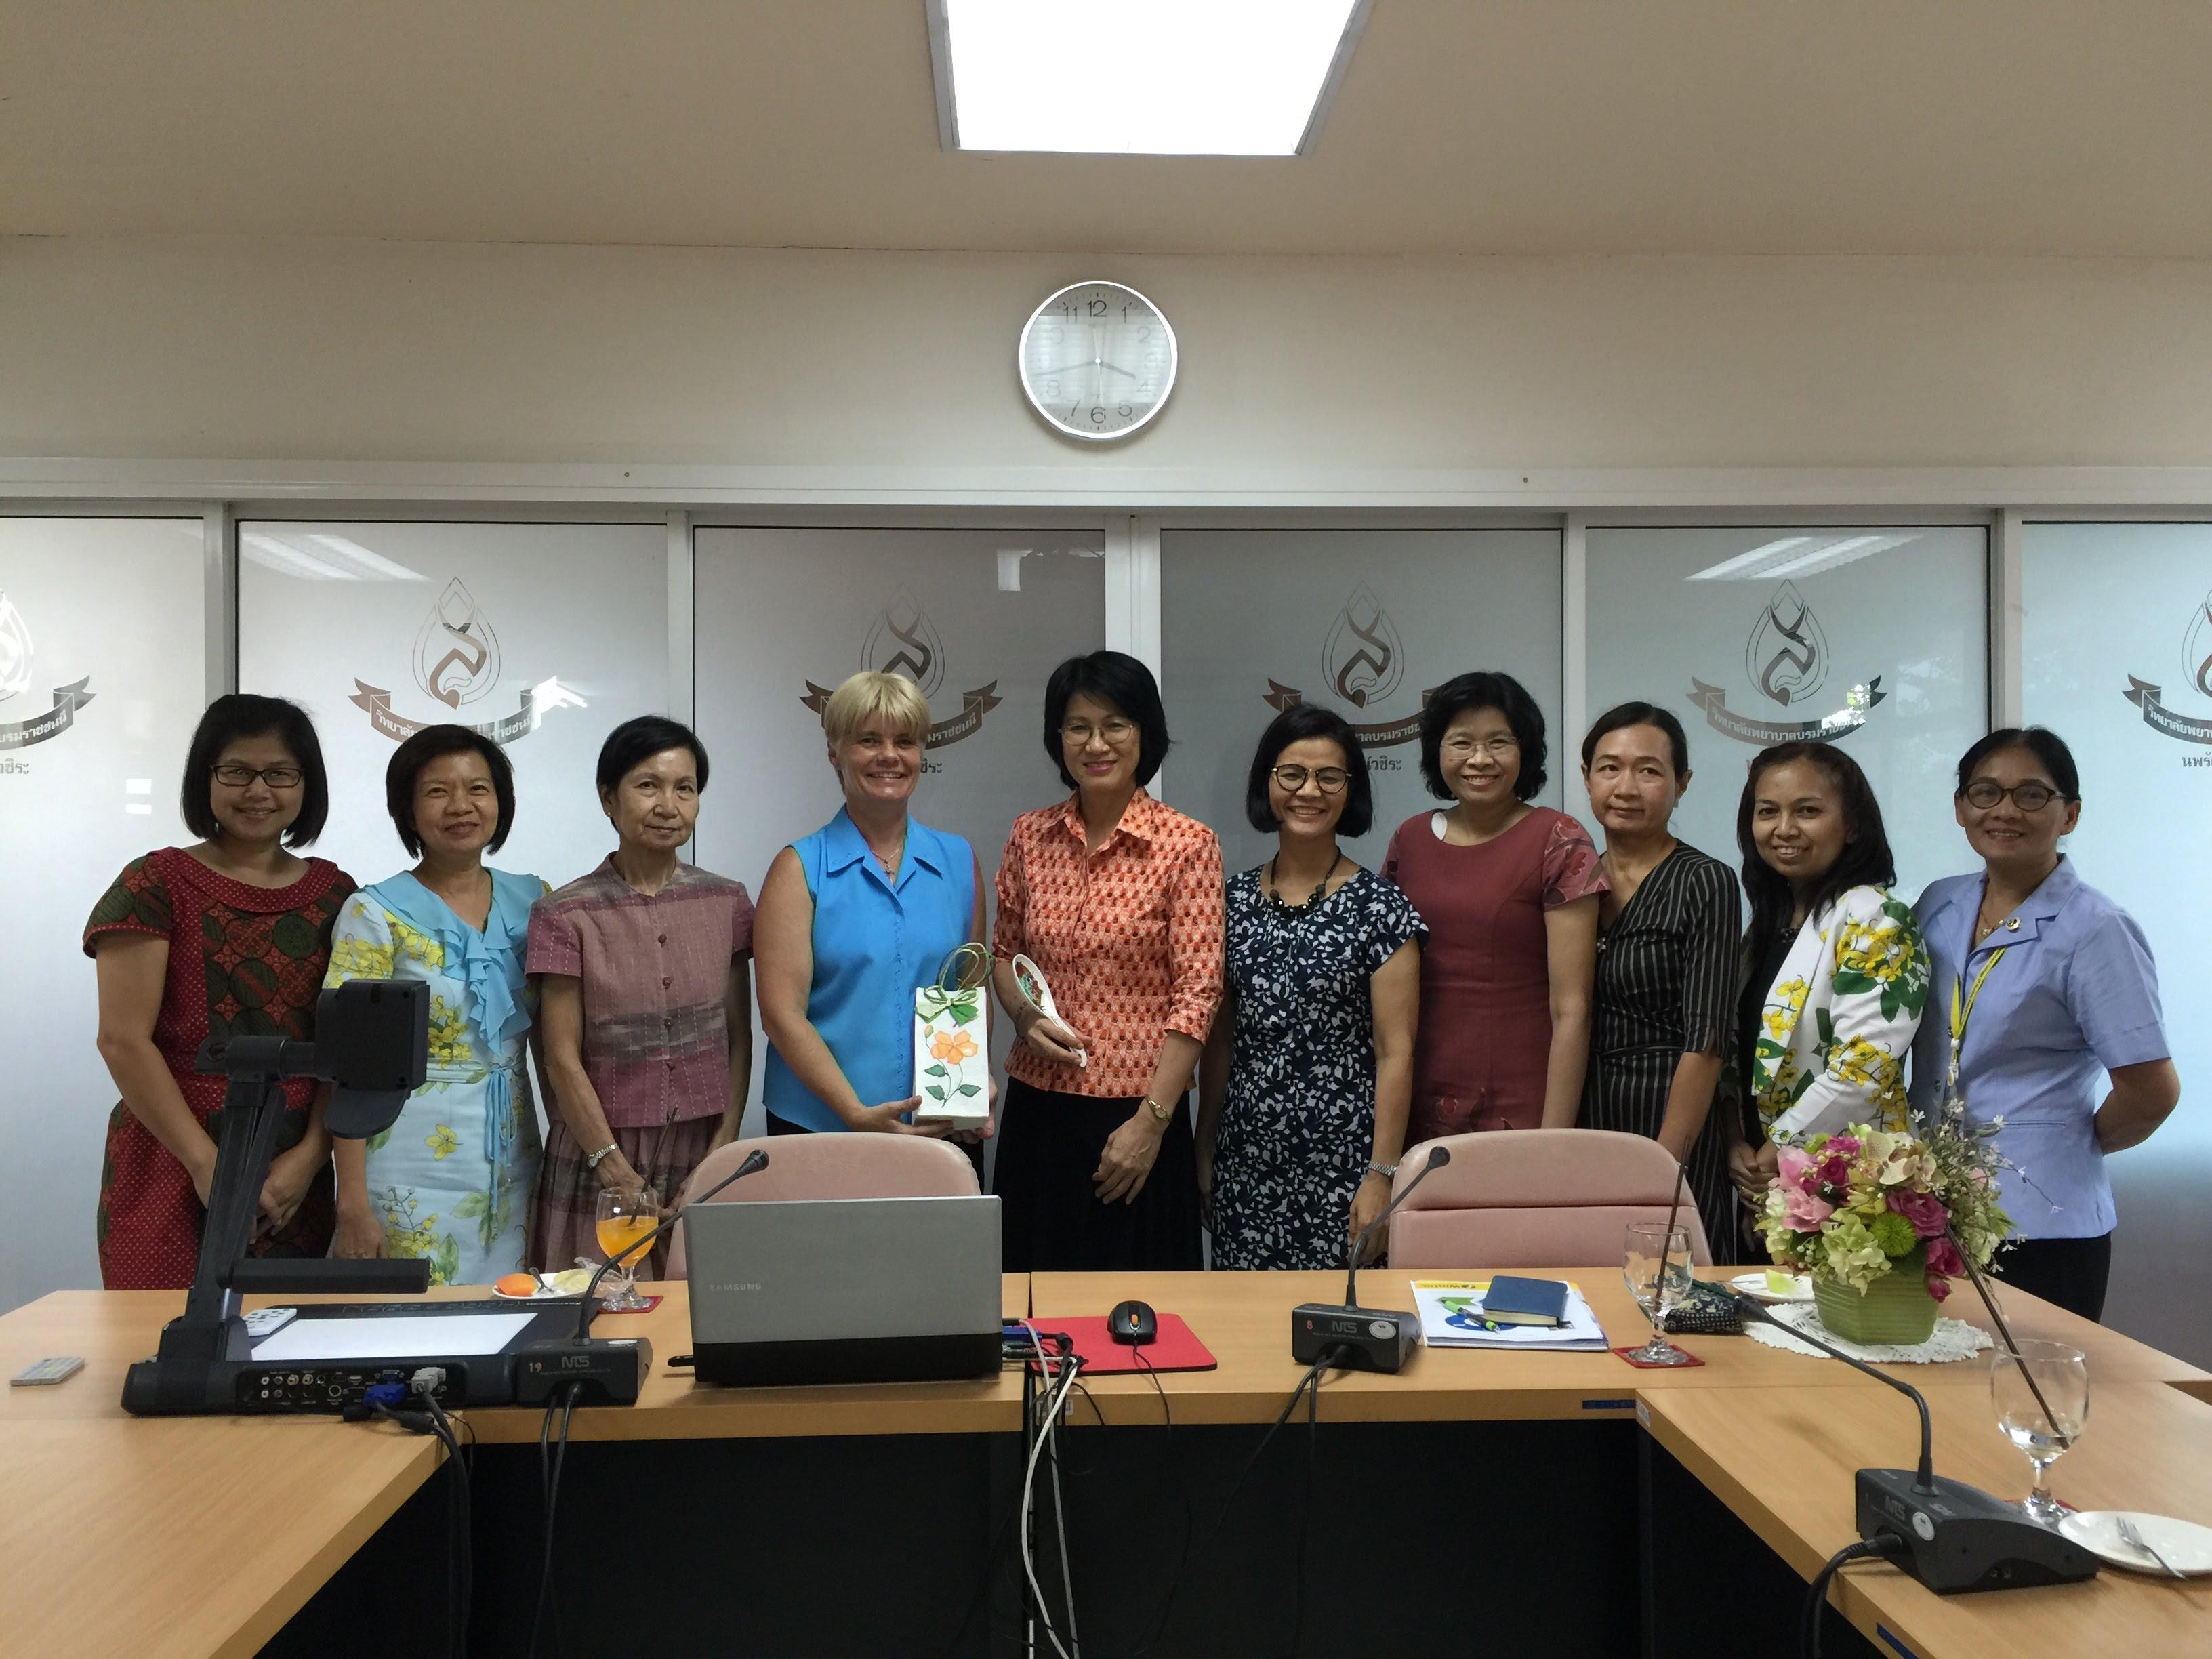 ประชุมความร่วมมือด้านการวิจัยกับ สถาบัน Wintec, New Zealand